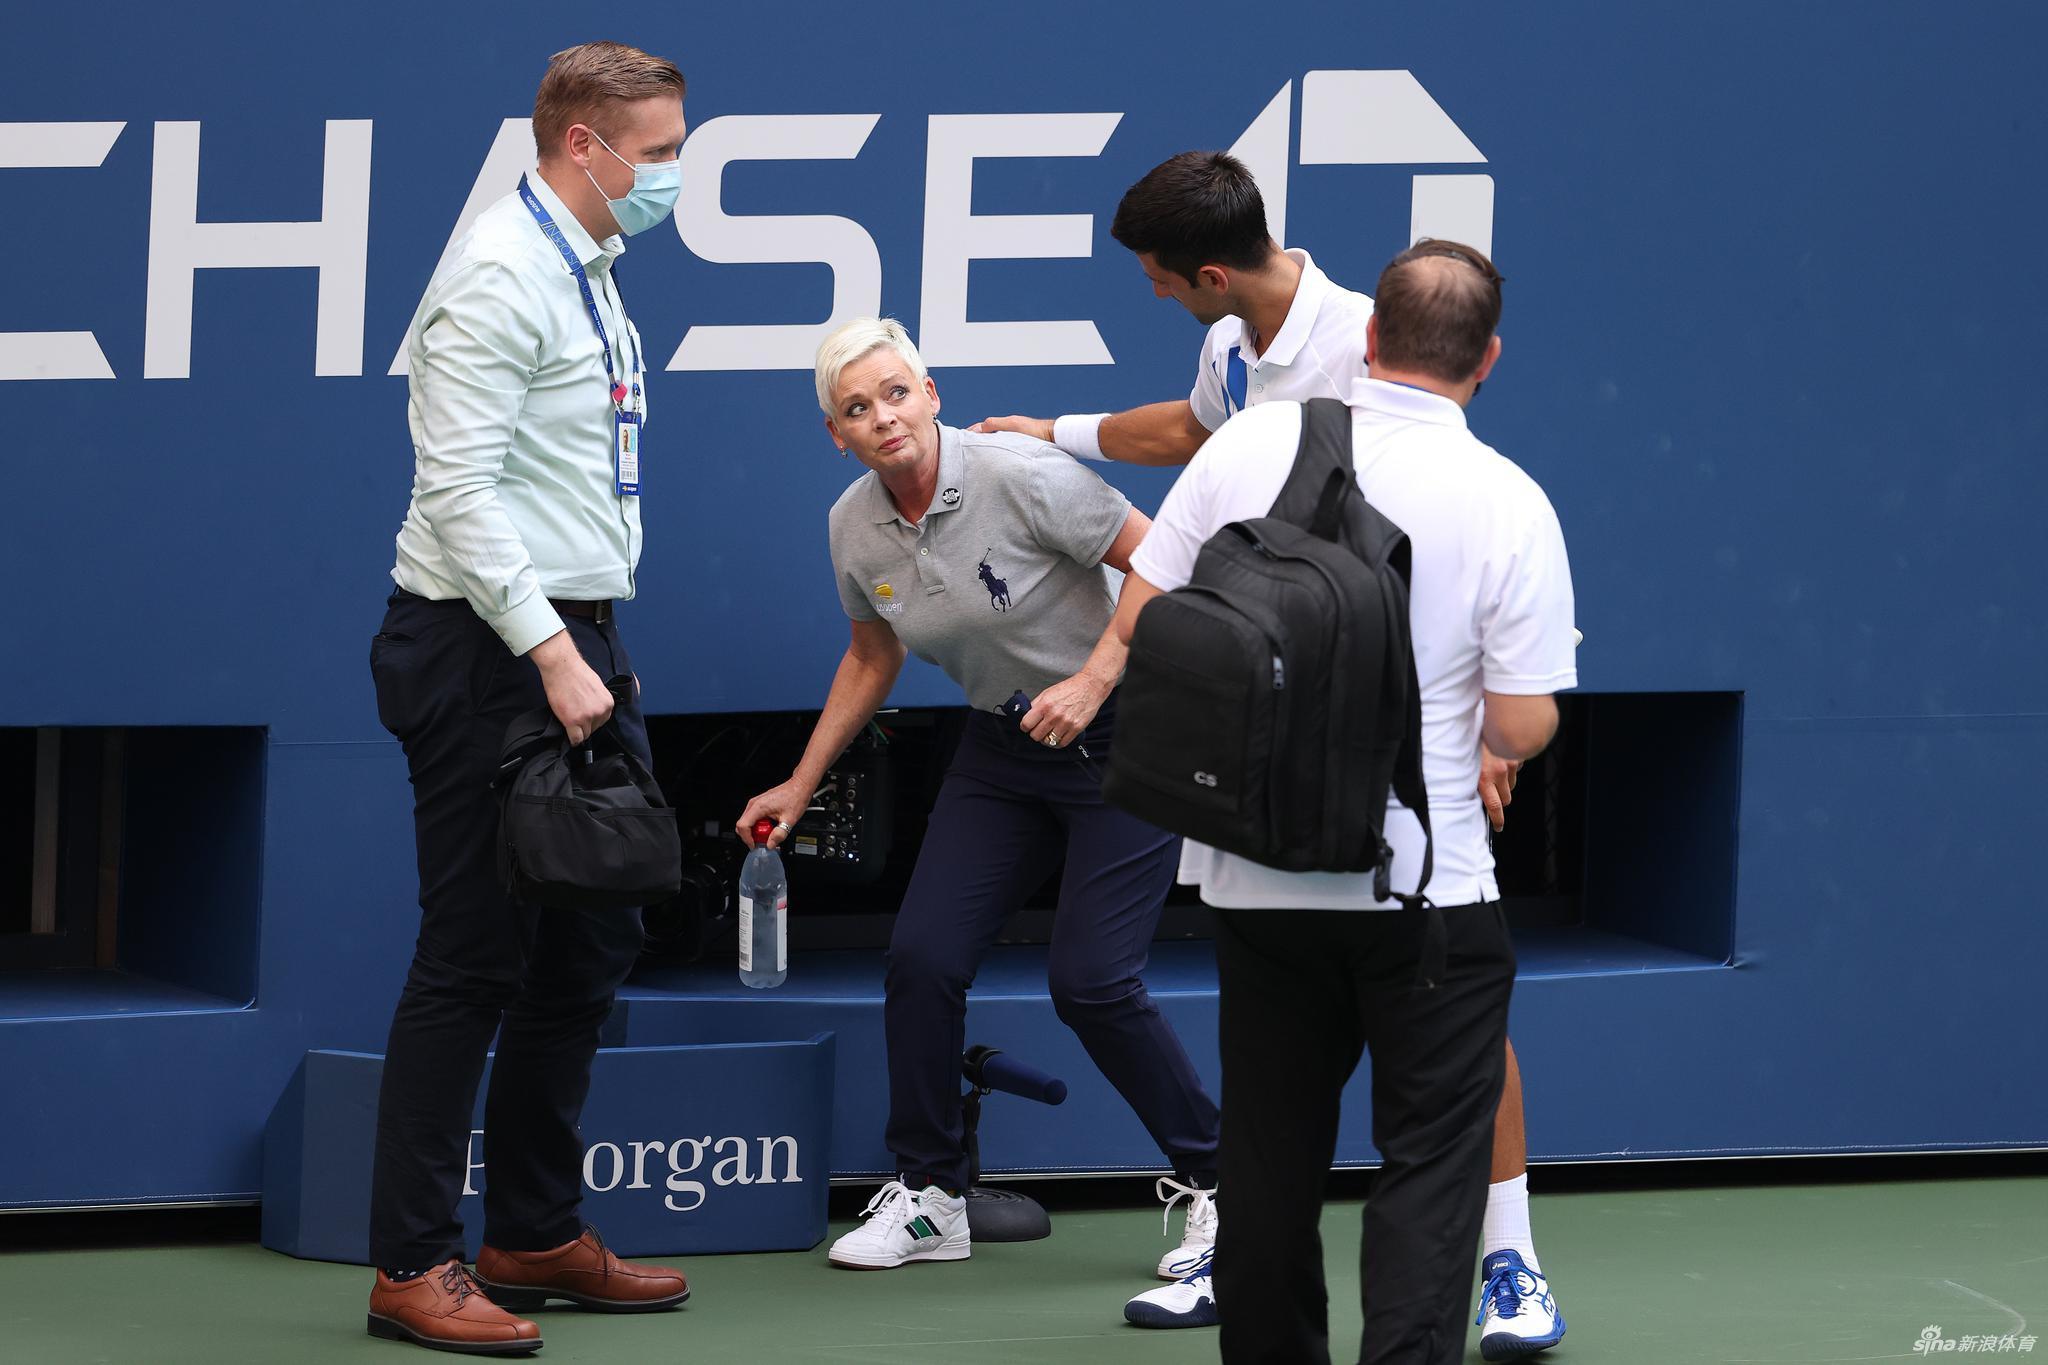 Najbolji svetski teniser Novak Đoković tokom ukazivanja pomoći linijskom sudiji kojeg je slučajno pogodio lopticom, a zbog čega je izbačen sa ovogodišnjeg US Open-a (Foto: Al Bello/Getty Images)